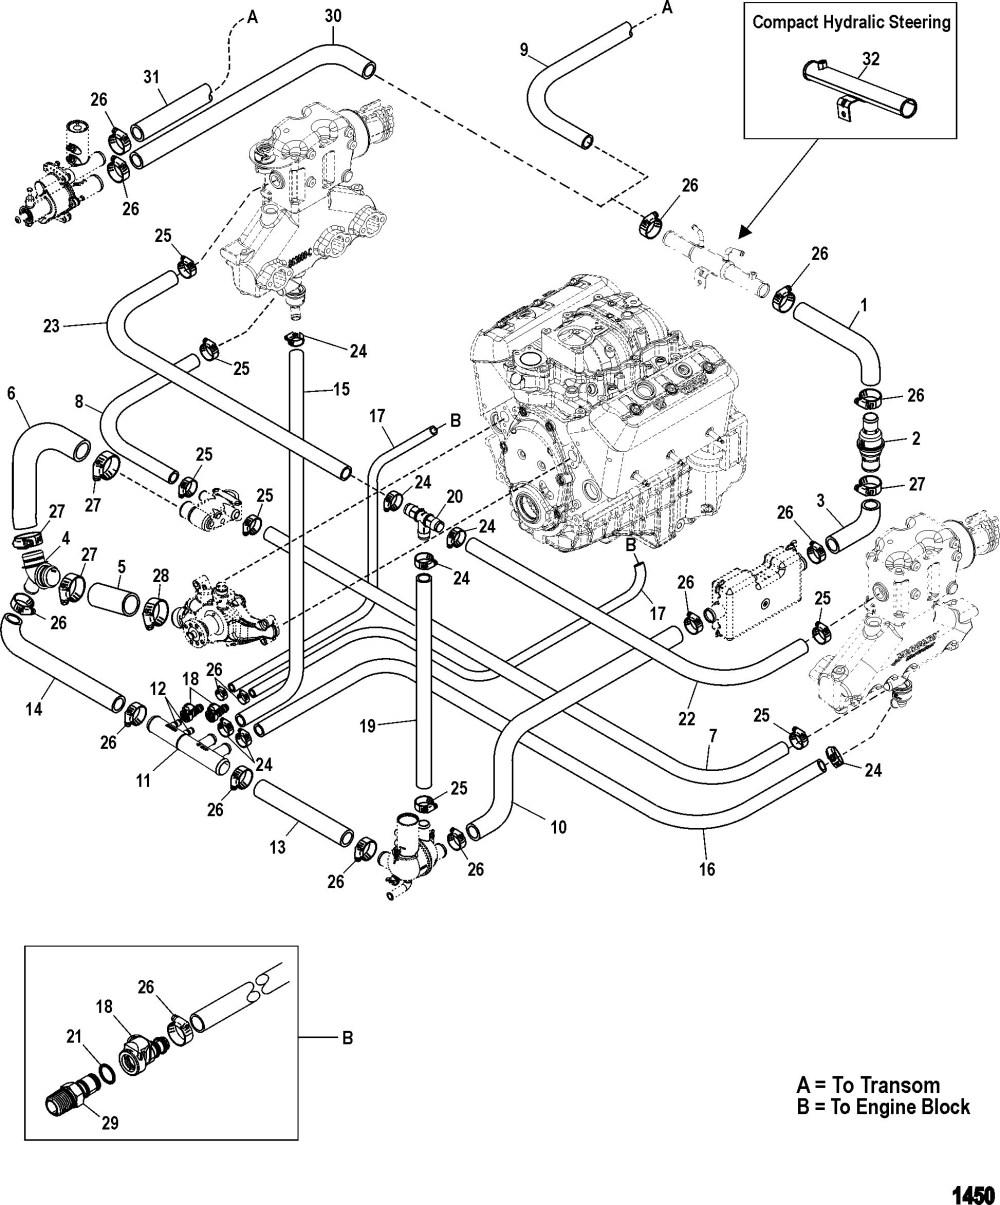 medium resolution of chevy 4 3 vortec wiring diagram free picture wiring diagram librarychevy 4 3 vortec wiring diagram